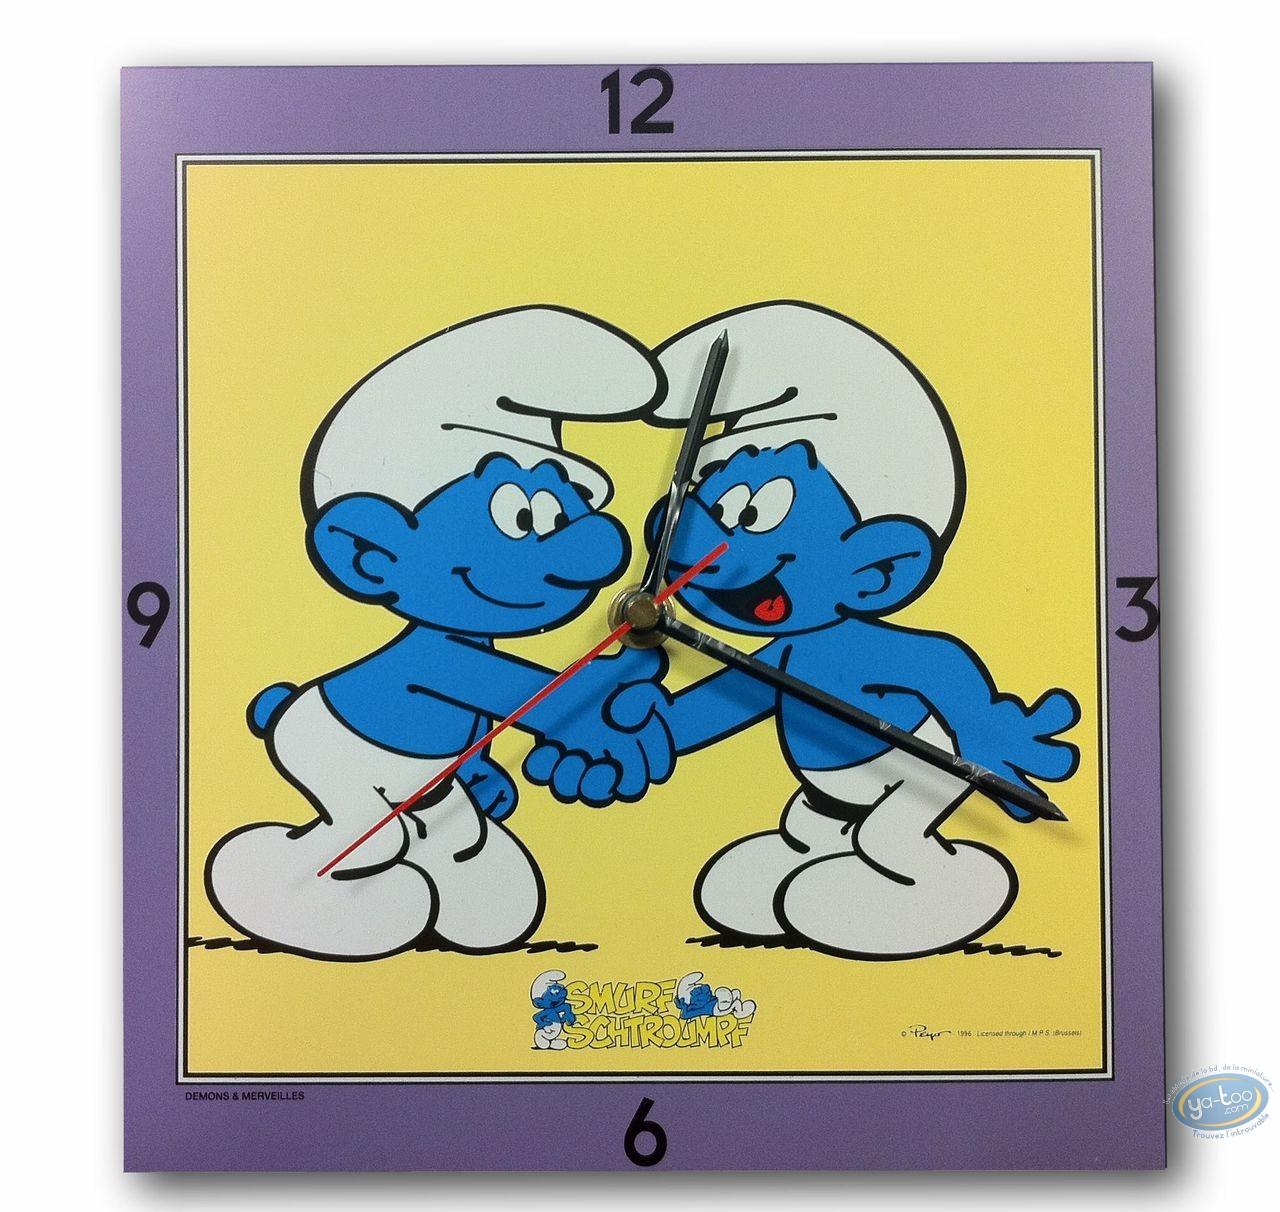 Horlogerie, Schtroumpfs (Les) : Horloge, 2 amis